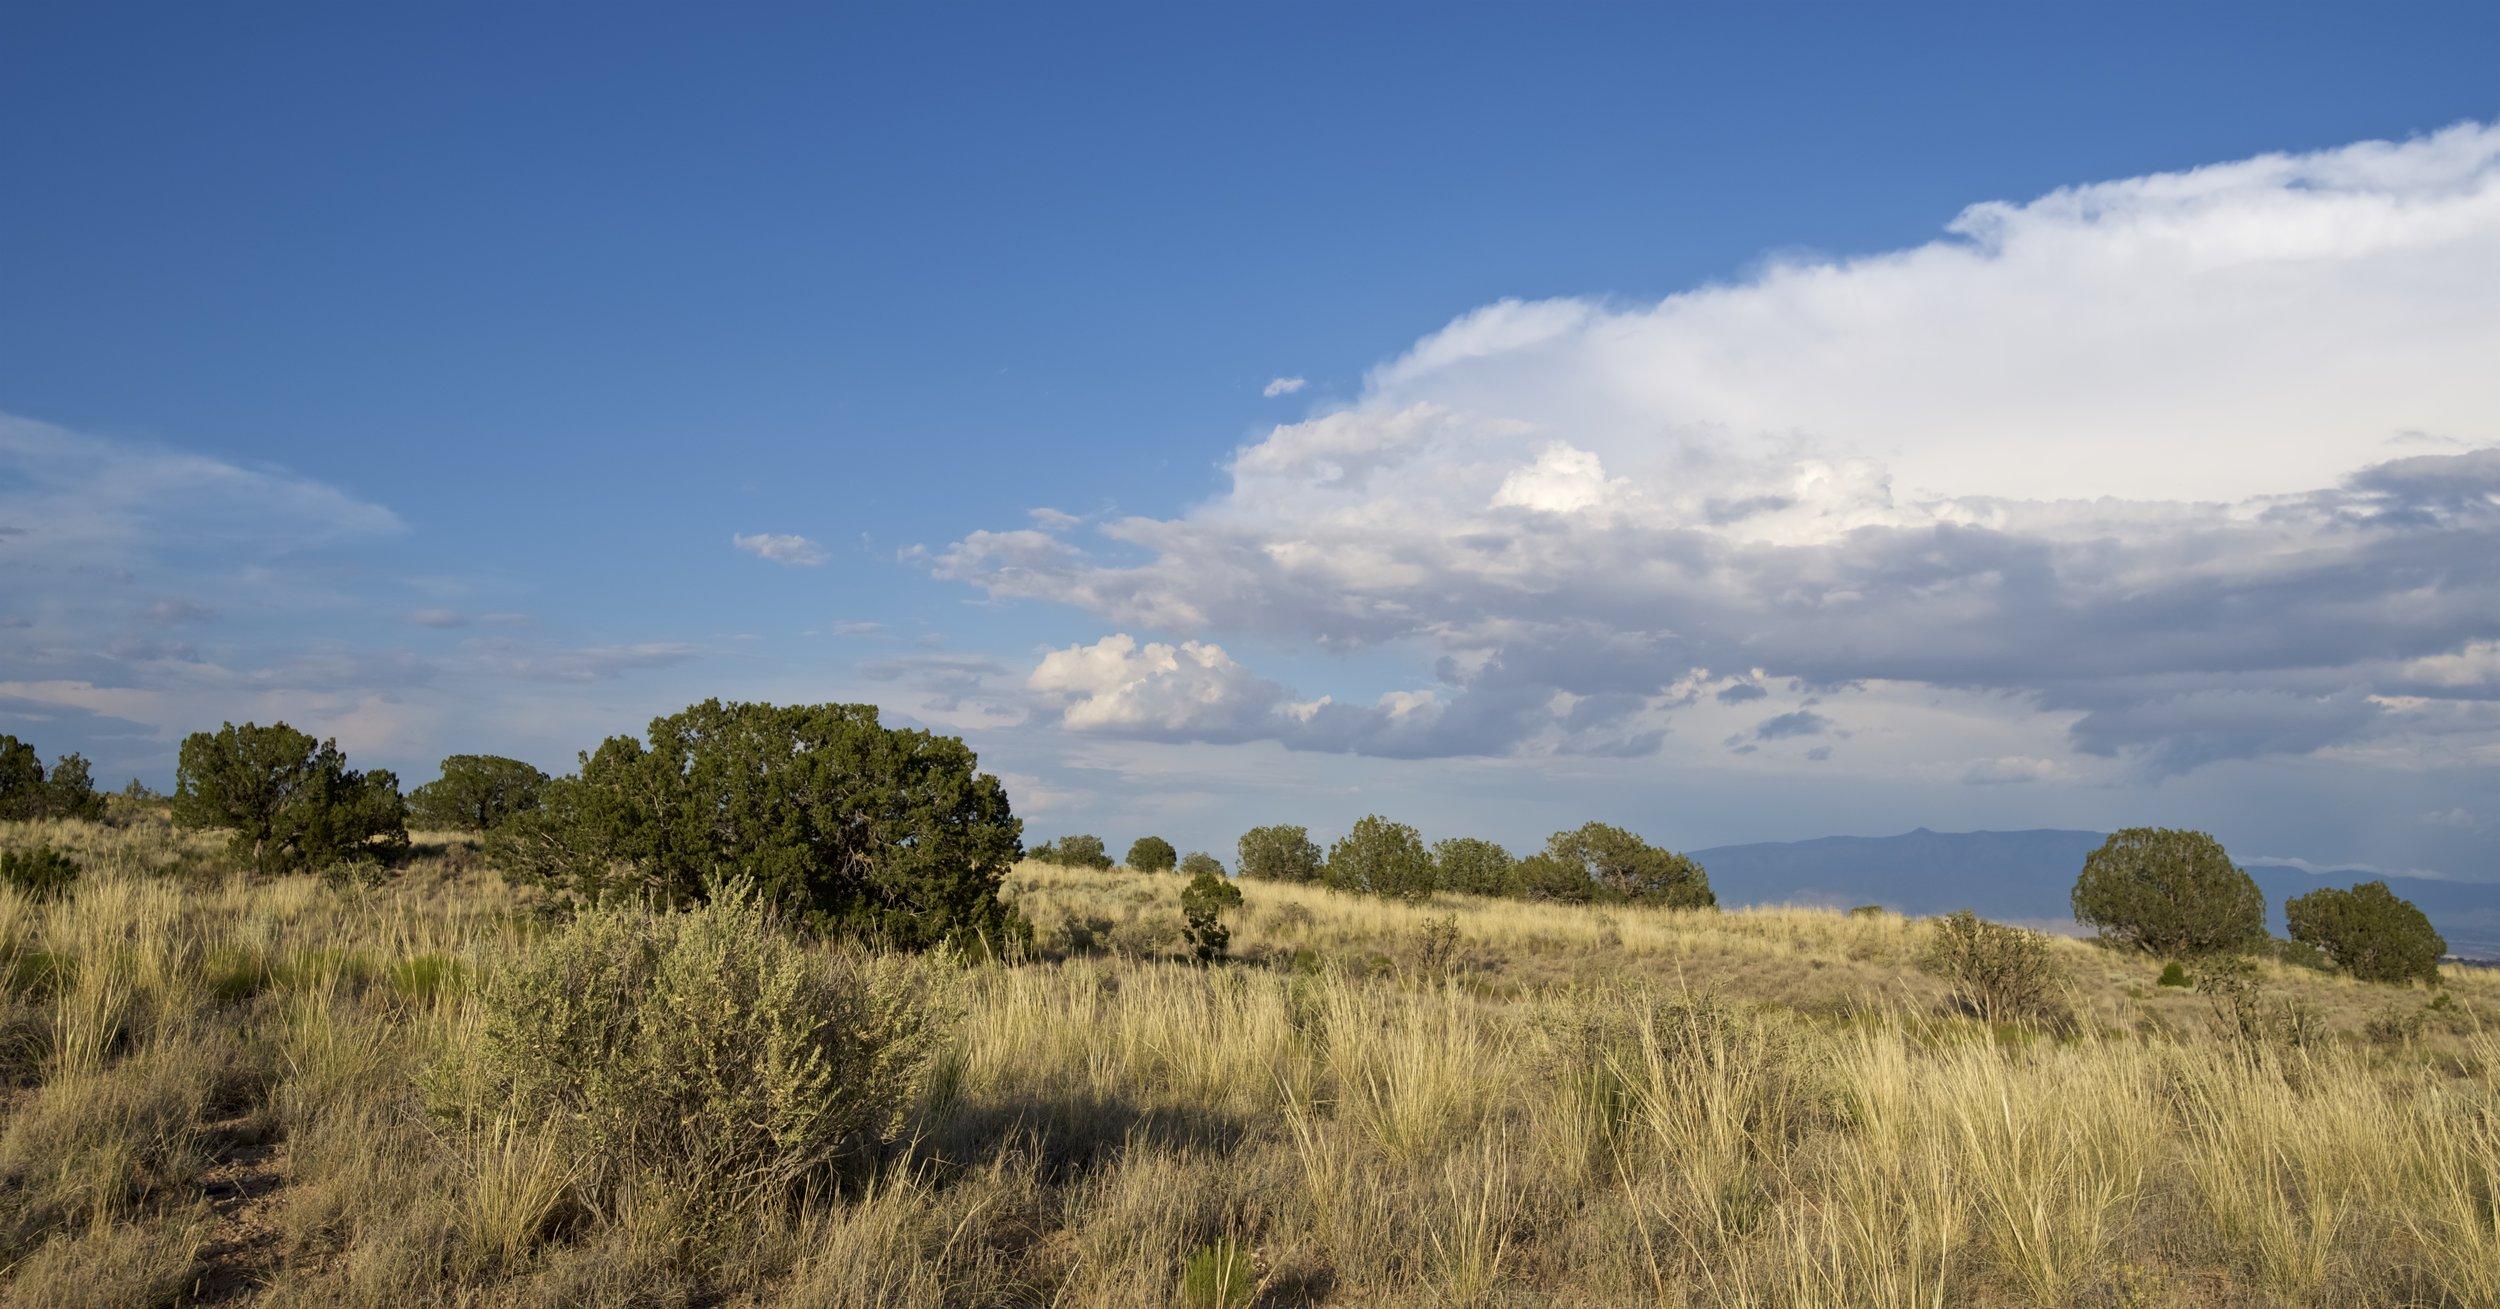 SNNM-BFG-rio-rancho-132764.jpg